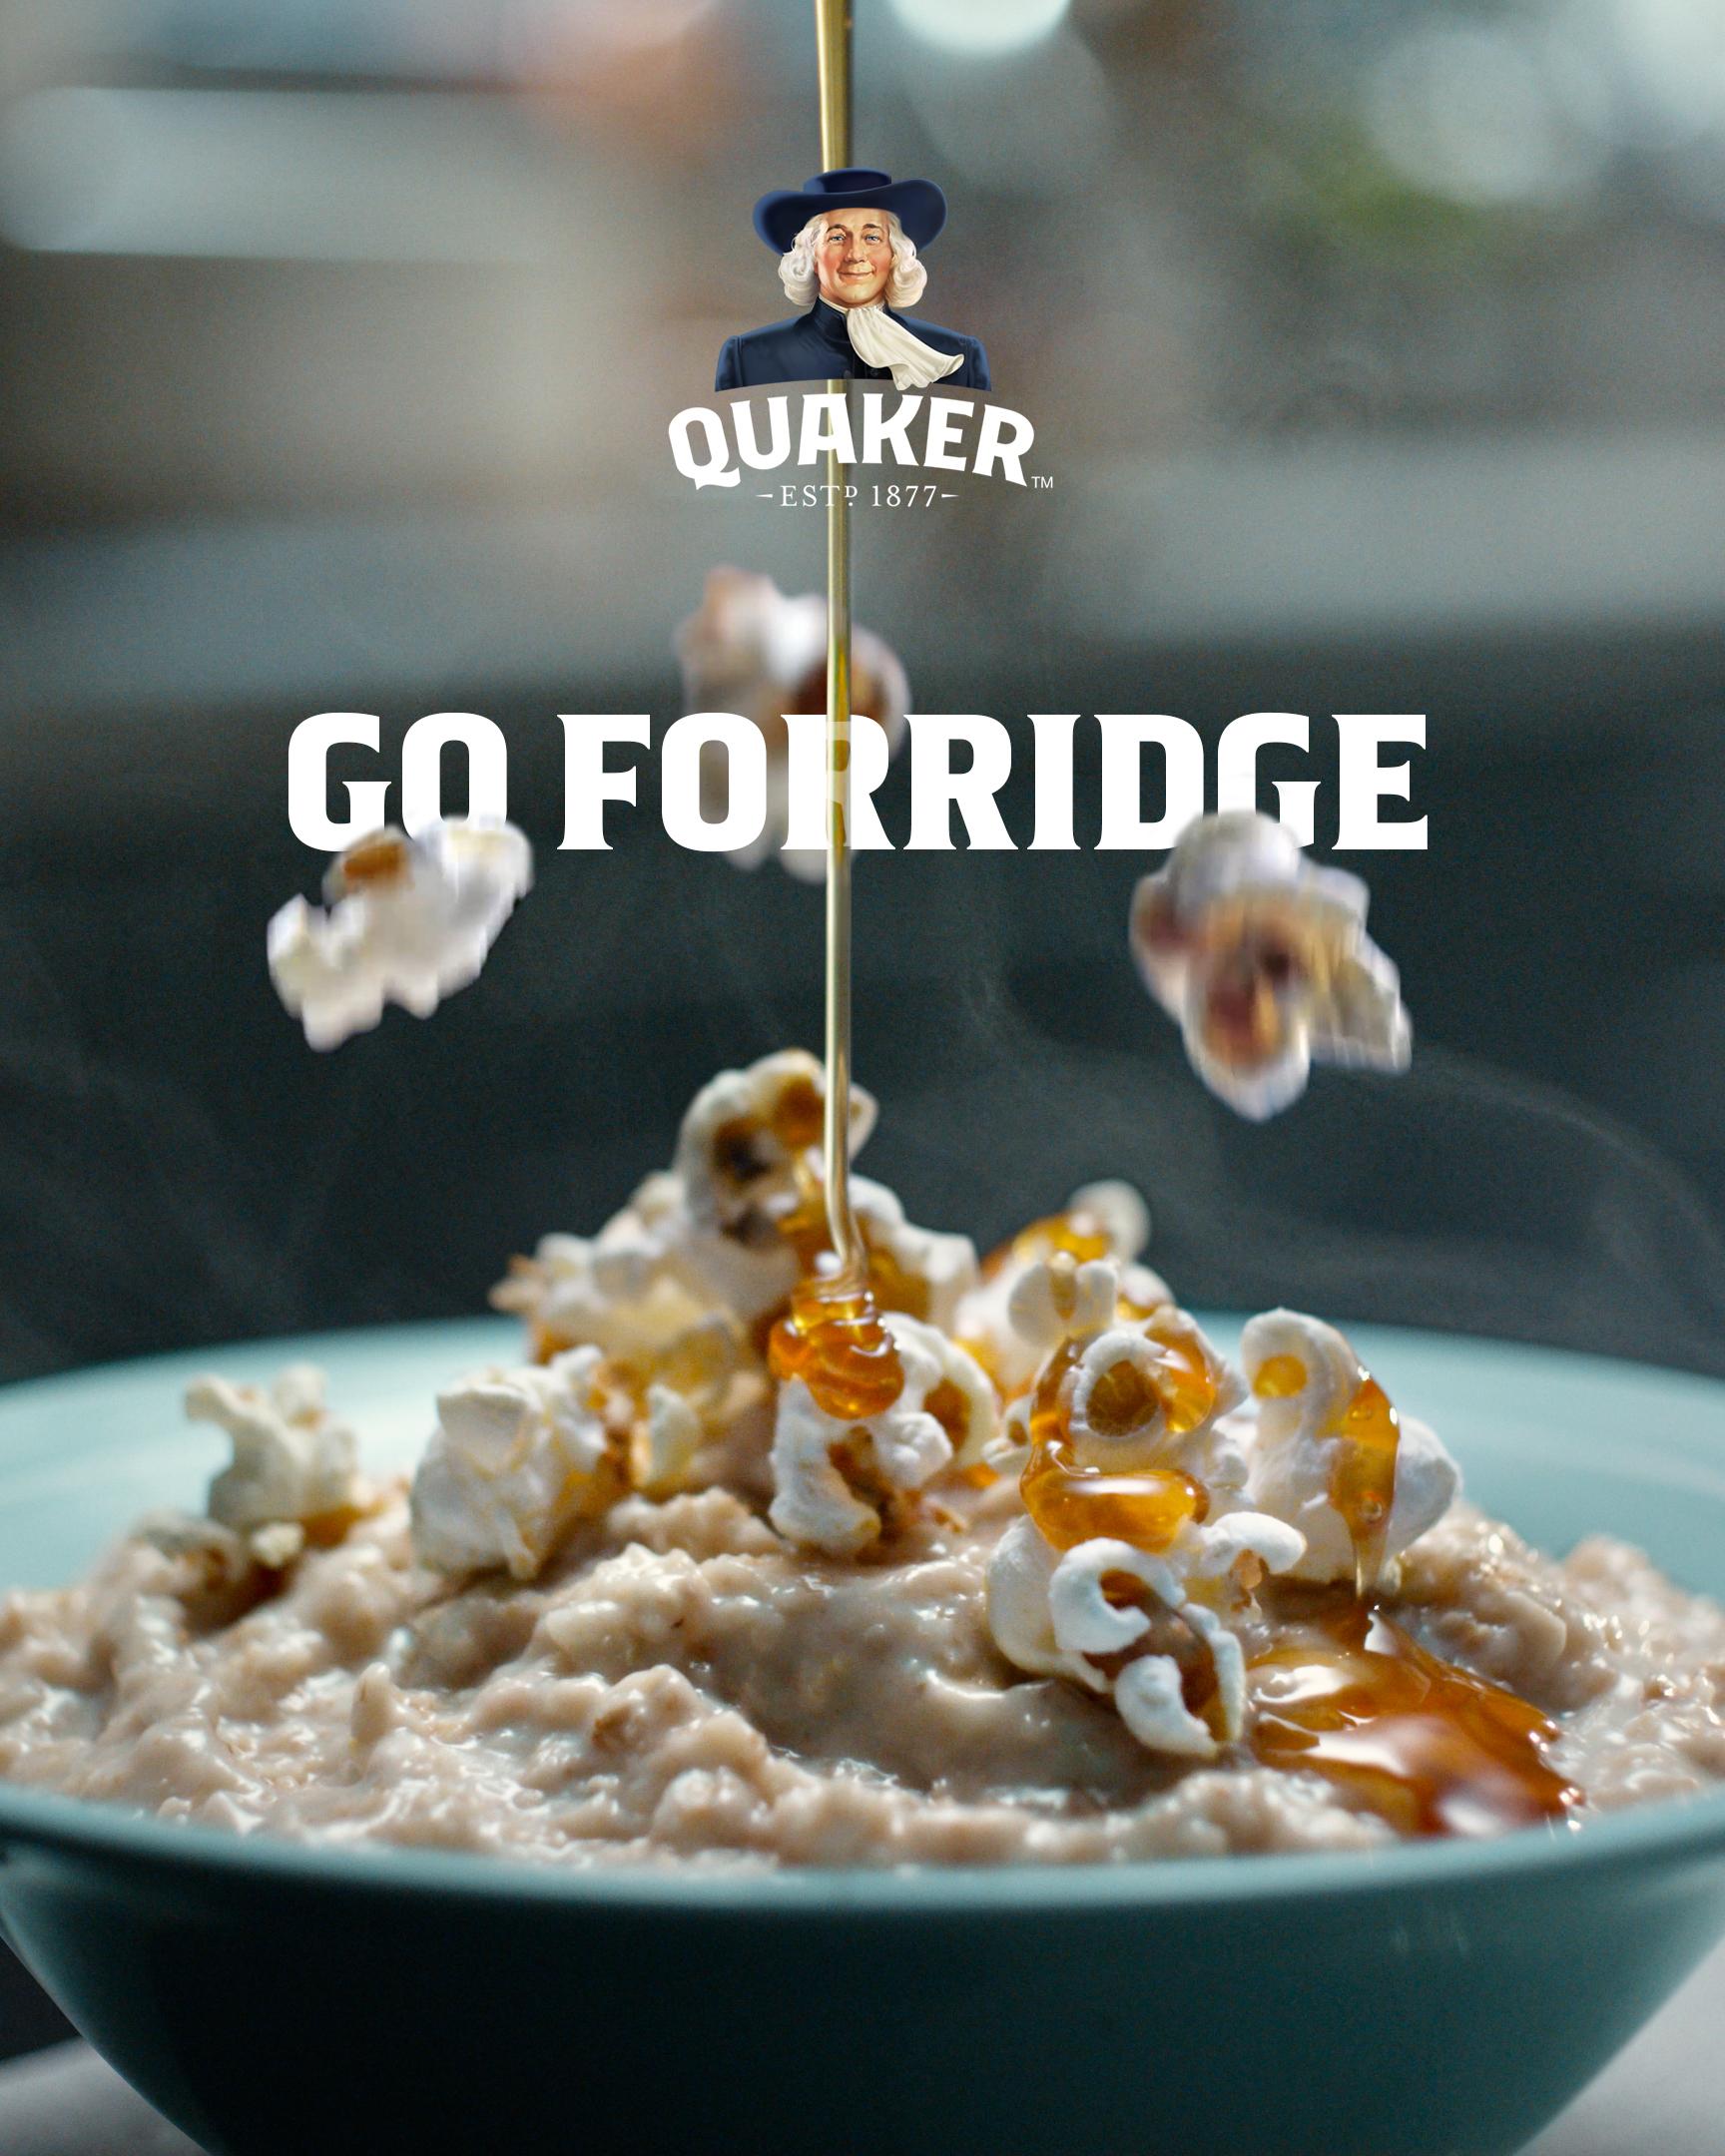 Quaker – Go Forridge